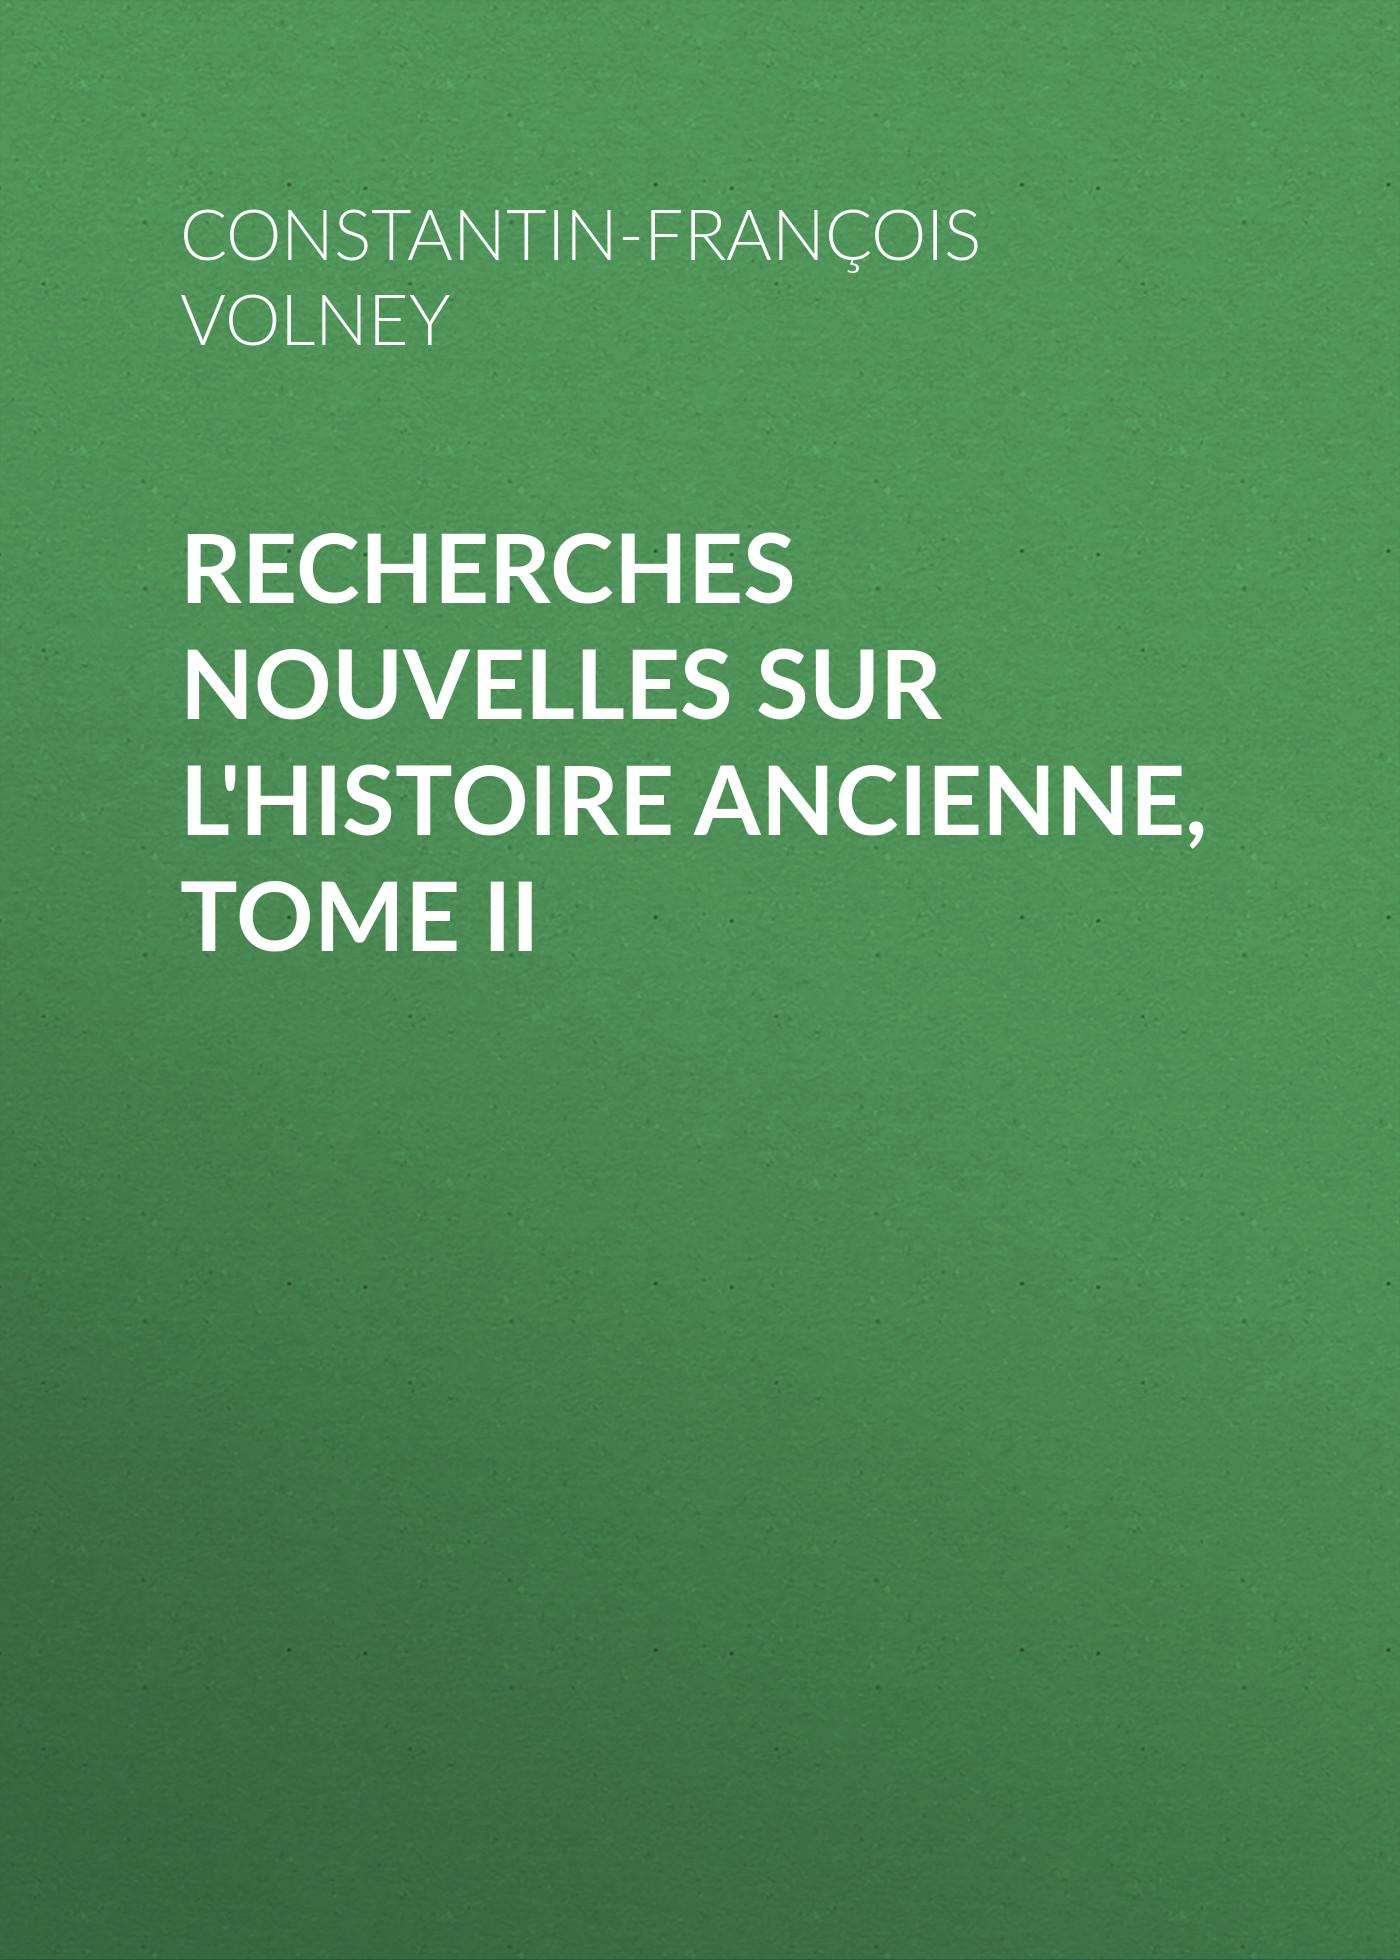 Constantin-François Volney Recherches nouvelles sur l'histoire ancienne, tome II